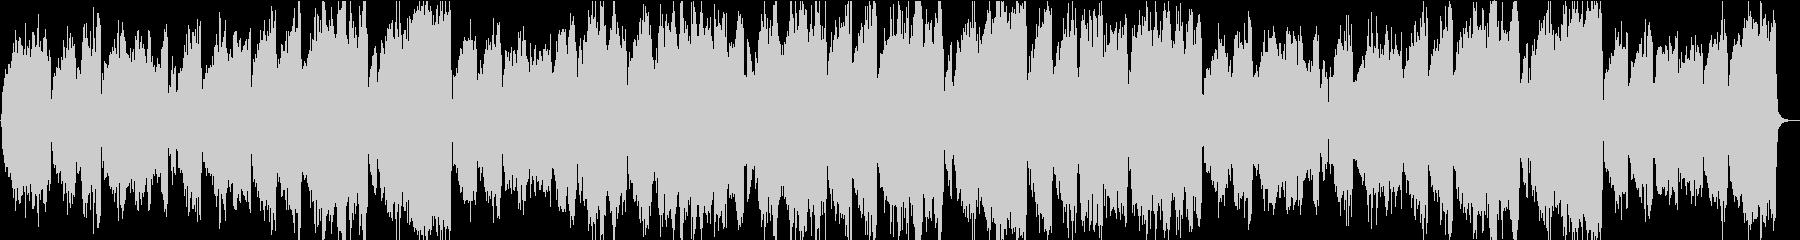 シネマミュージック・オーケストラの未再生の波形